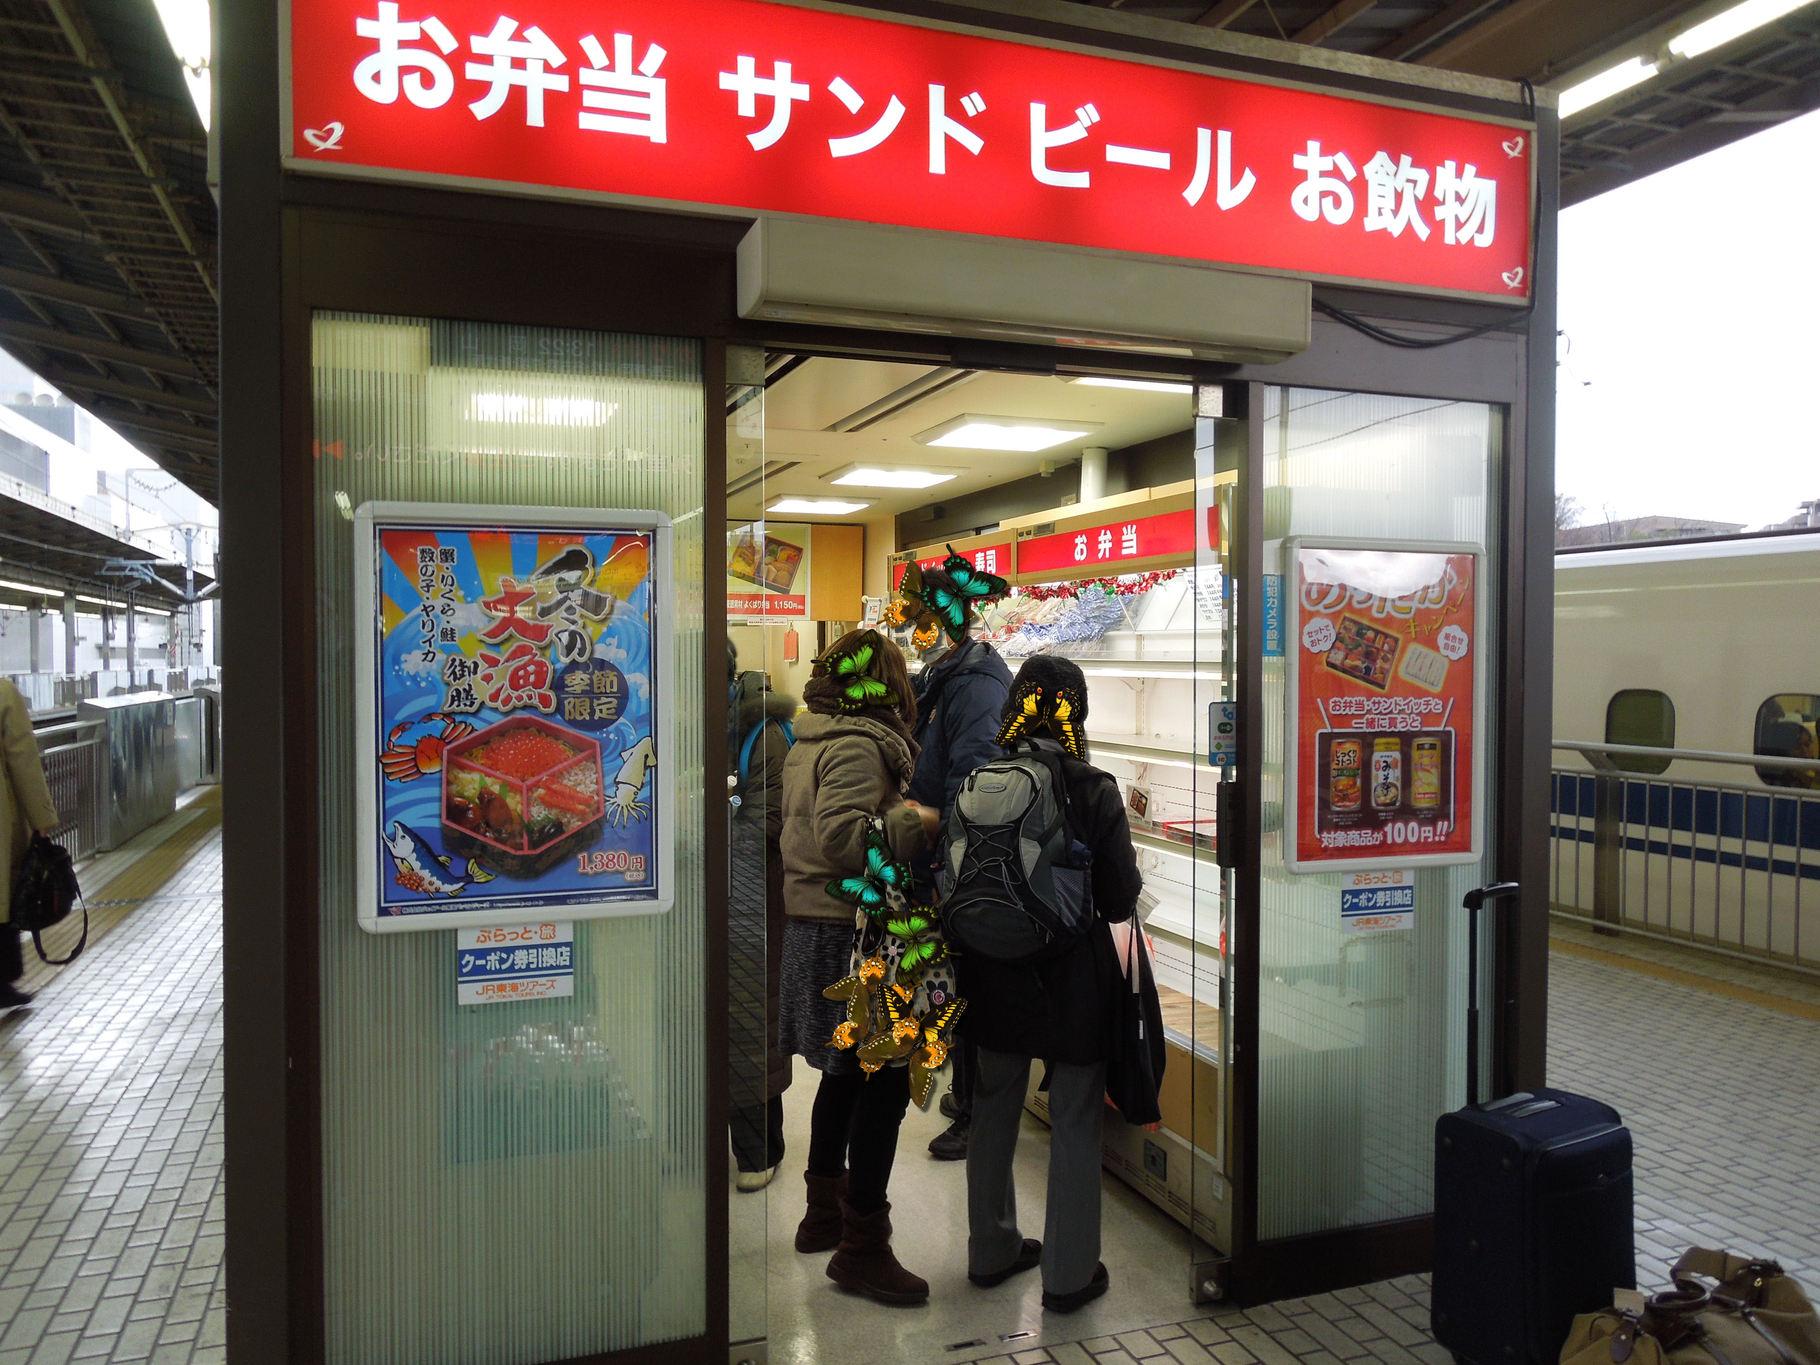 ジェイアール東海パッセンジャーズ 新横浜スタンド下り10店